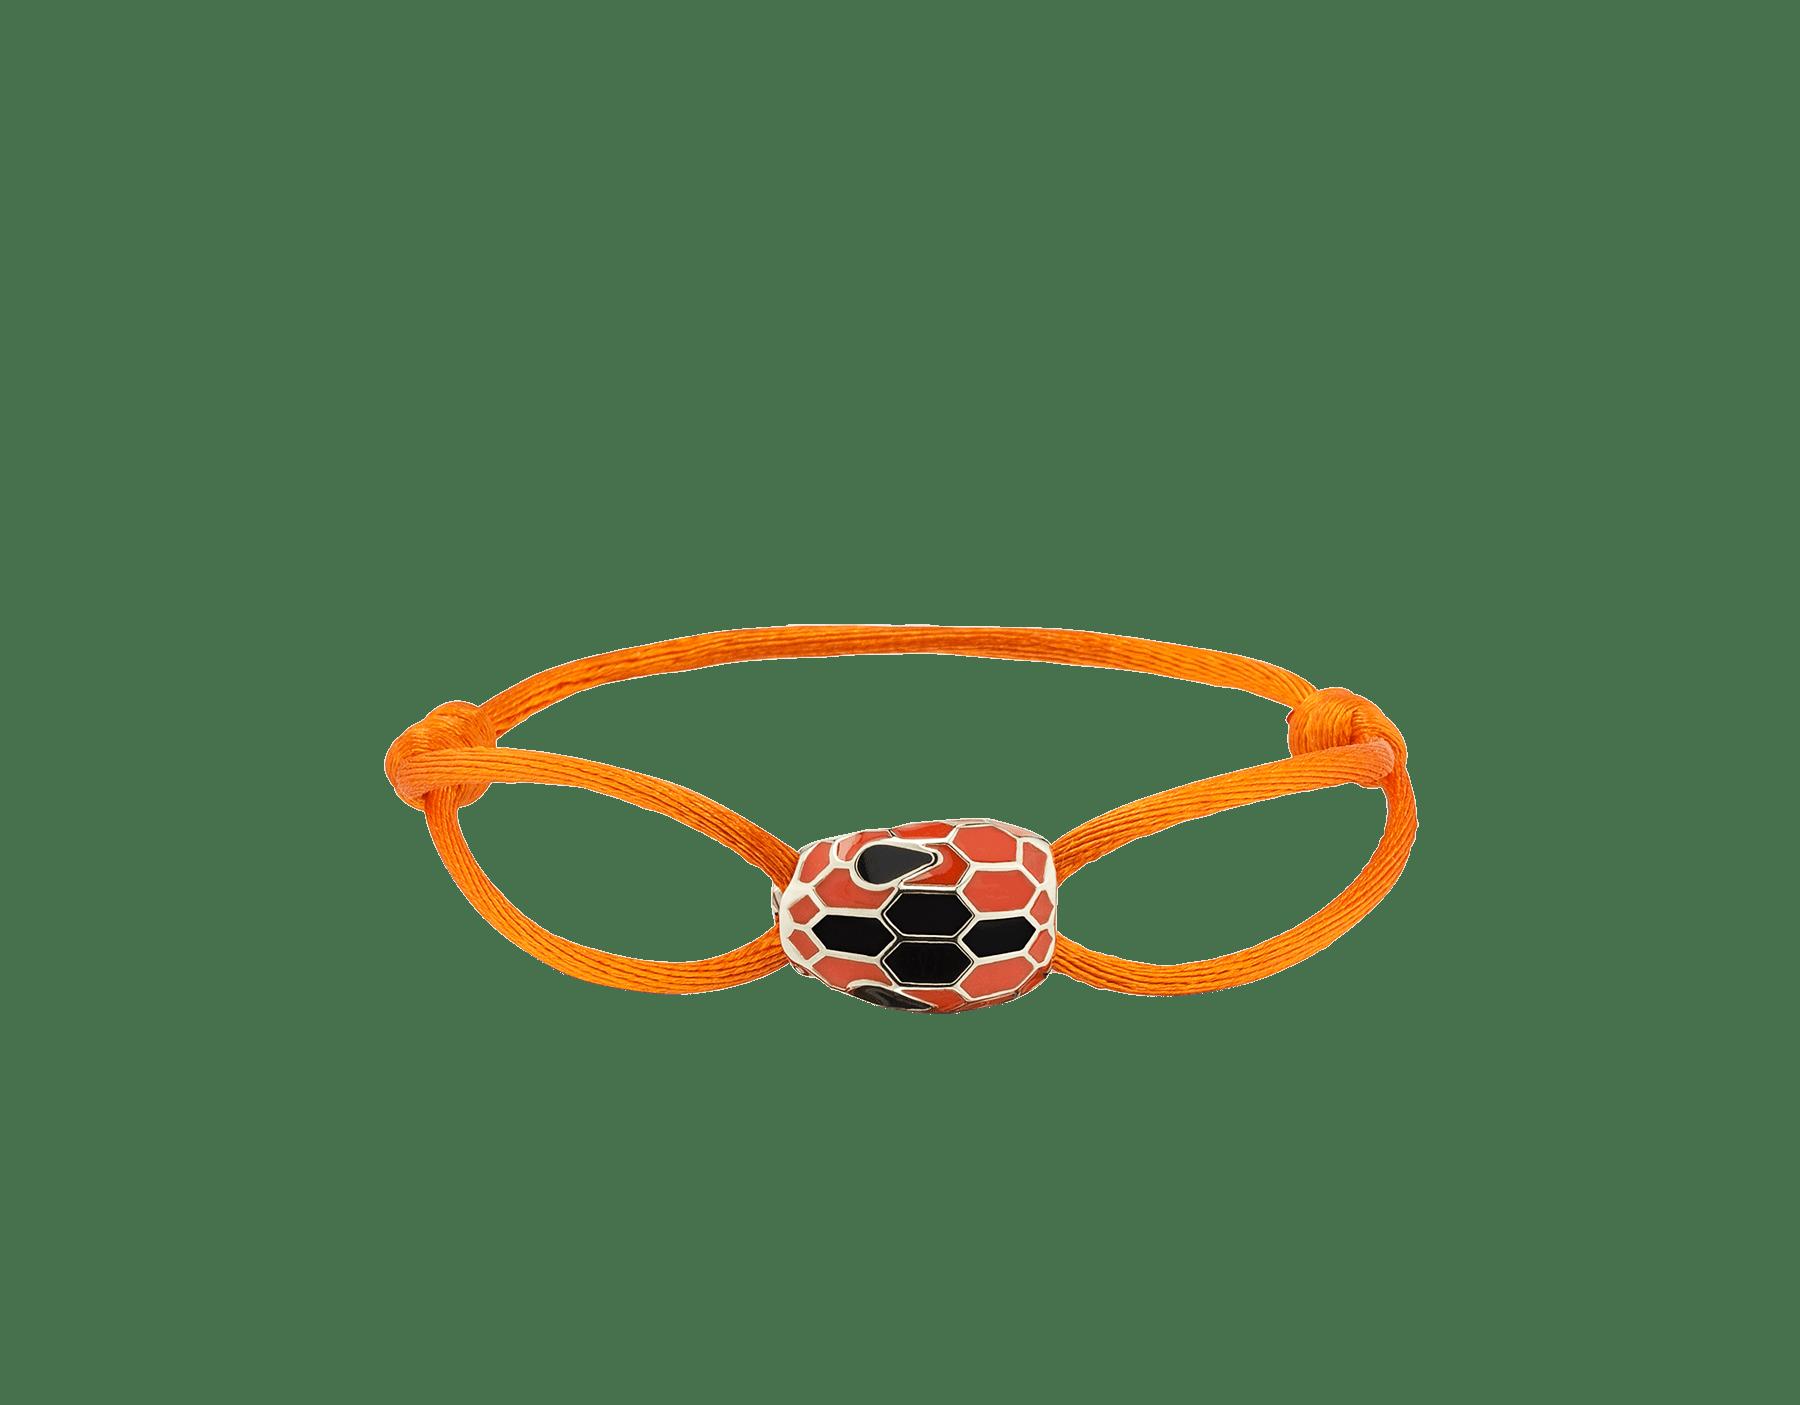 Браслет Serpenti Forever выполнен из шелка цвета огненного янтаря, фирменный декор в виде змеиной головы из эмали цвета огненного янтаря и черного цвета, пленяющие глаза из черной эмали. SERP-STRINGd image 1